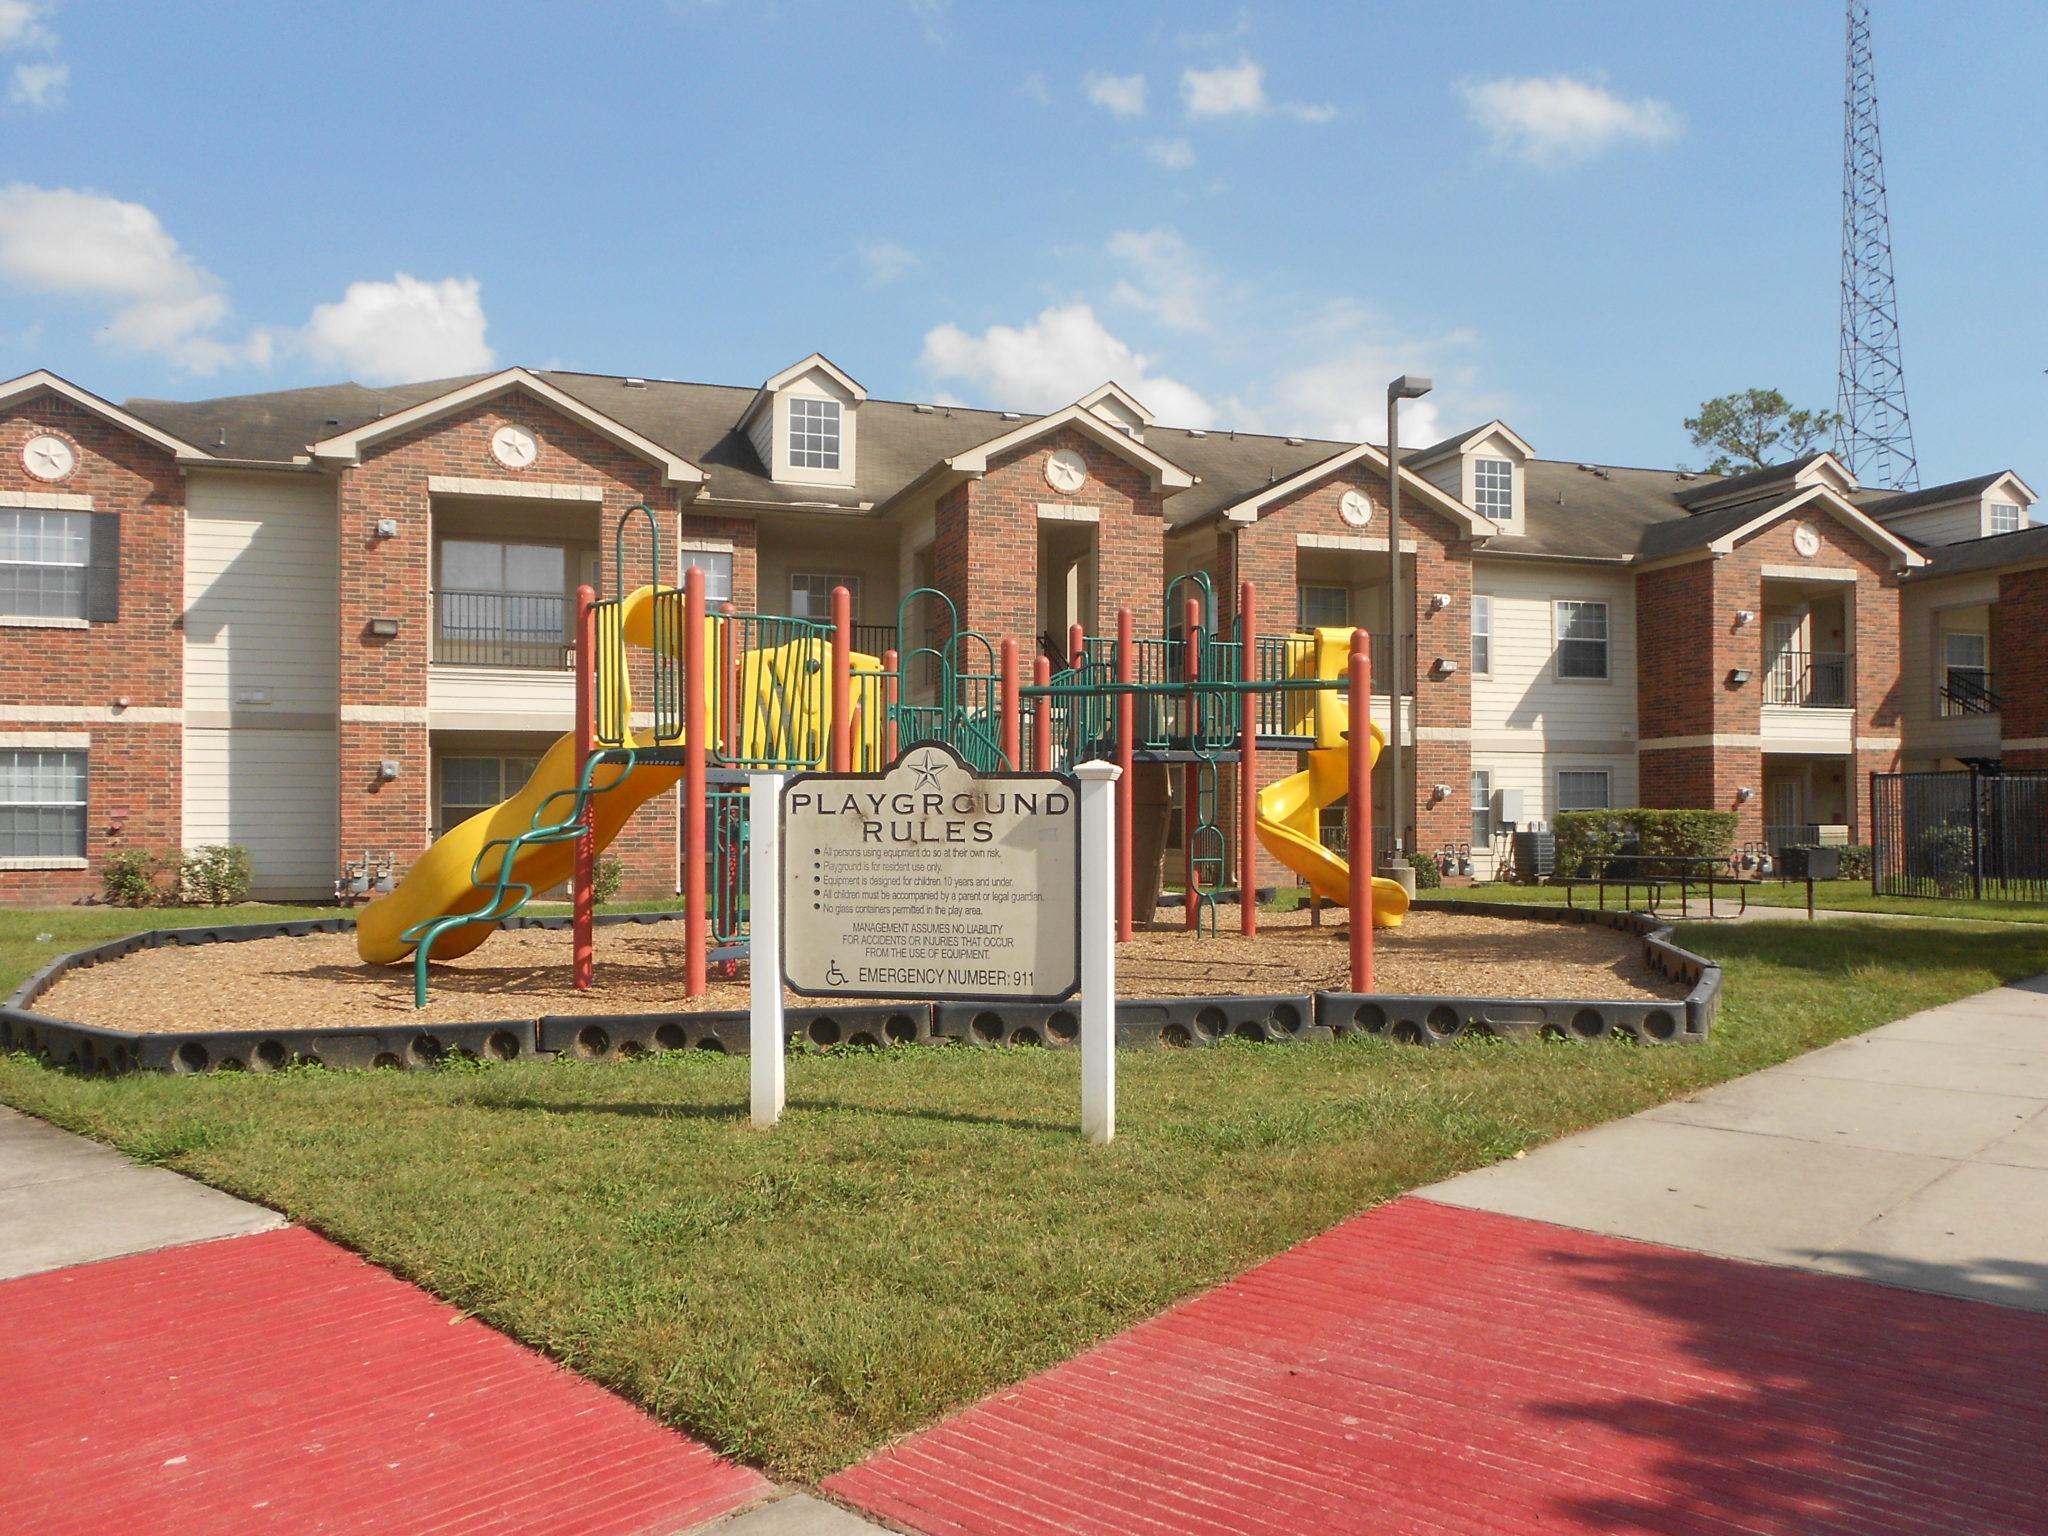 Atascocita Pines playground